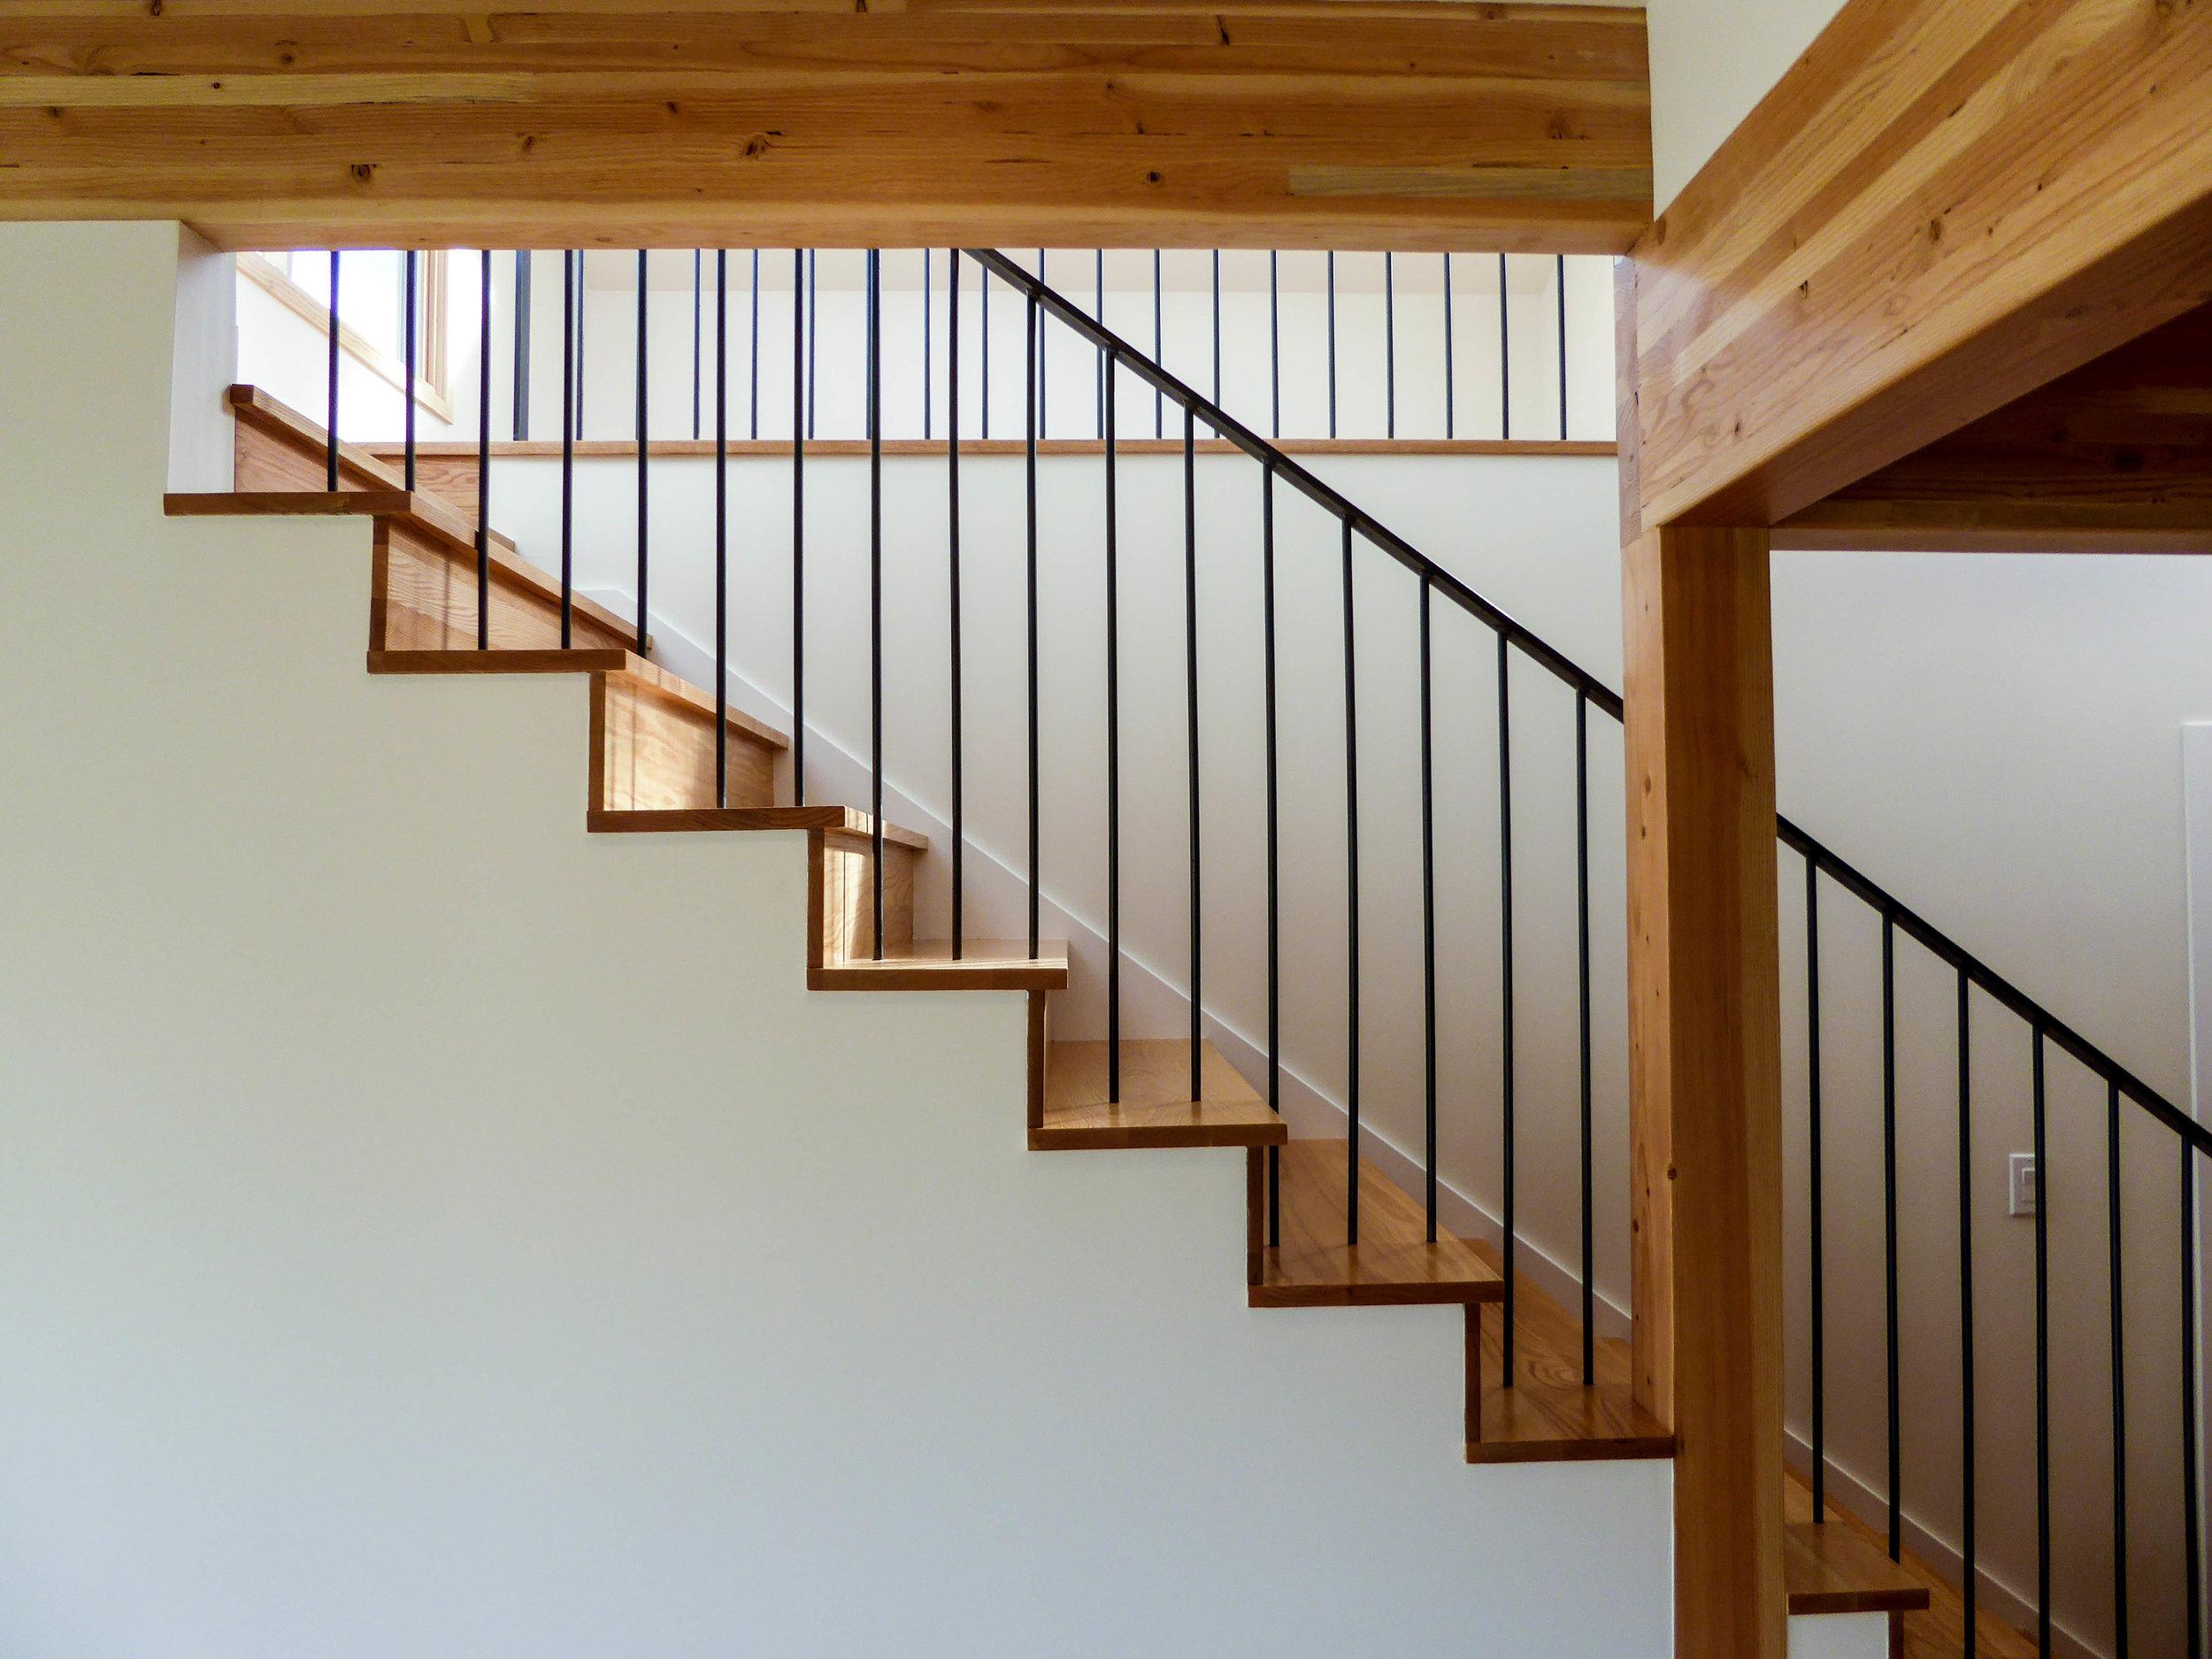 Clayton05 stair detail P1040012.JPG